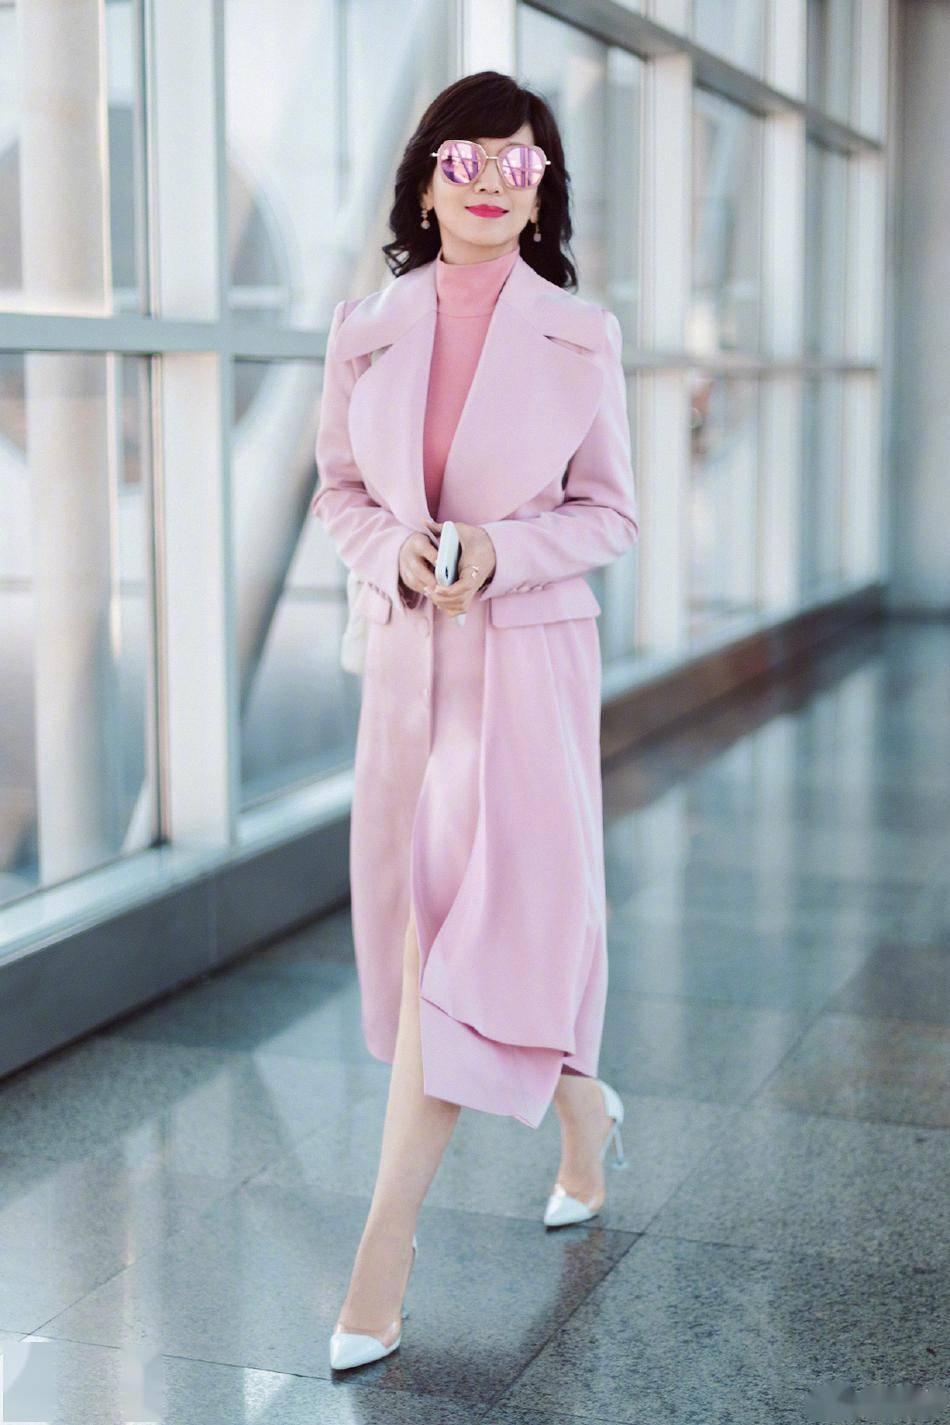 淡粉的长裙!赵雅芝从里到外全粉色穿搭清新淡雅